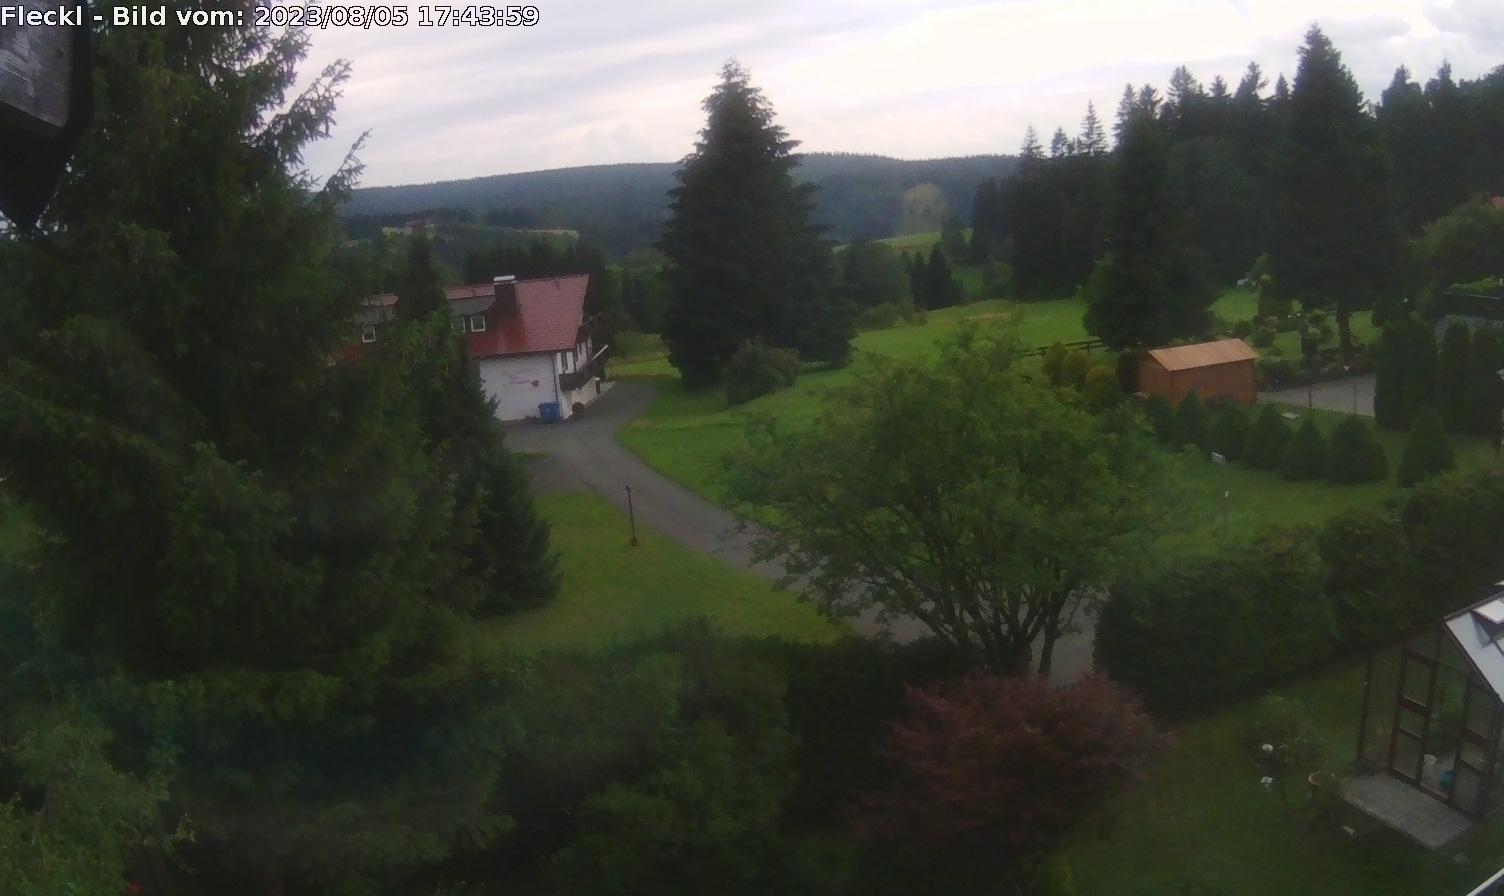 Webcam Skigebiet Oberwarmensteinach cam 2 - Fichtelgebirge